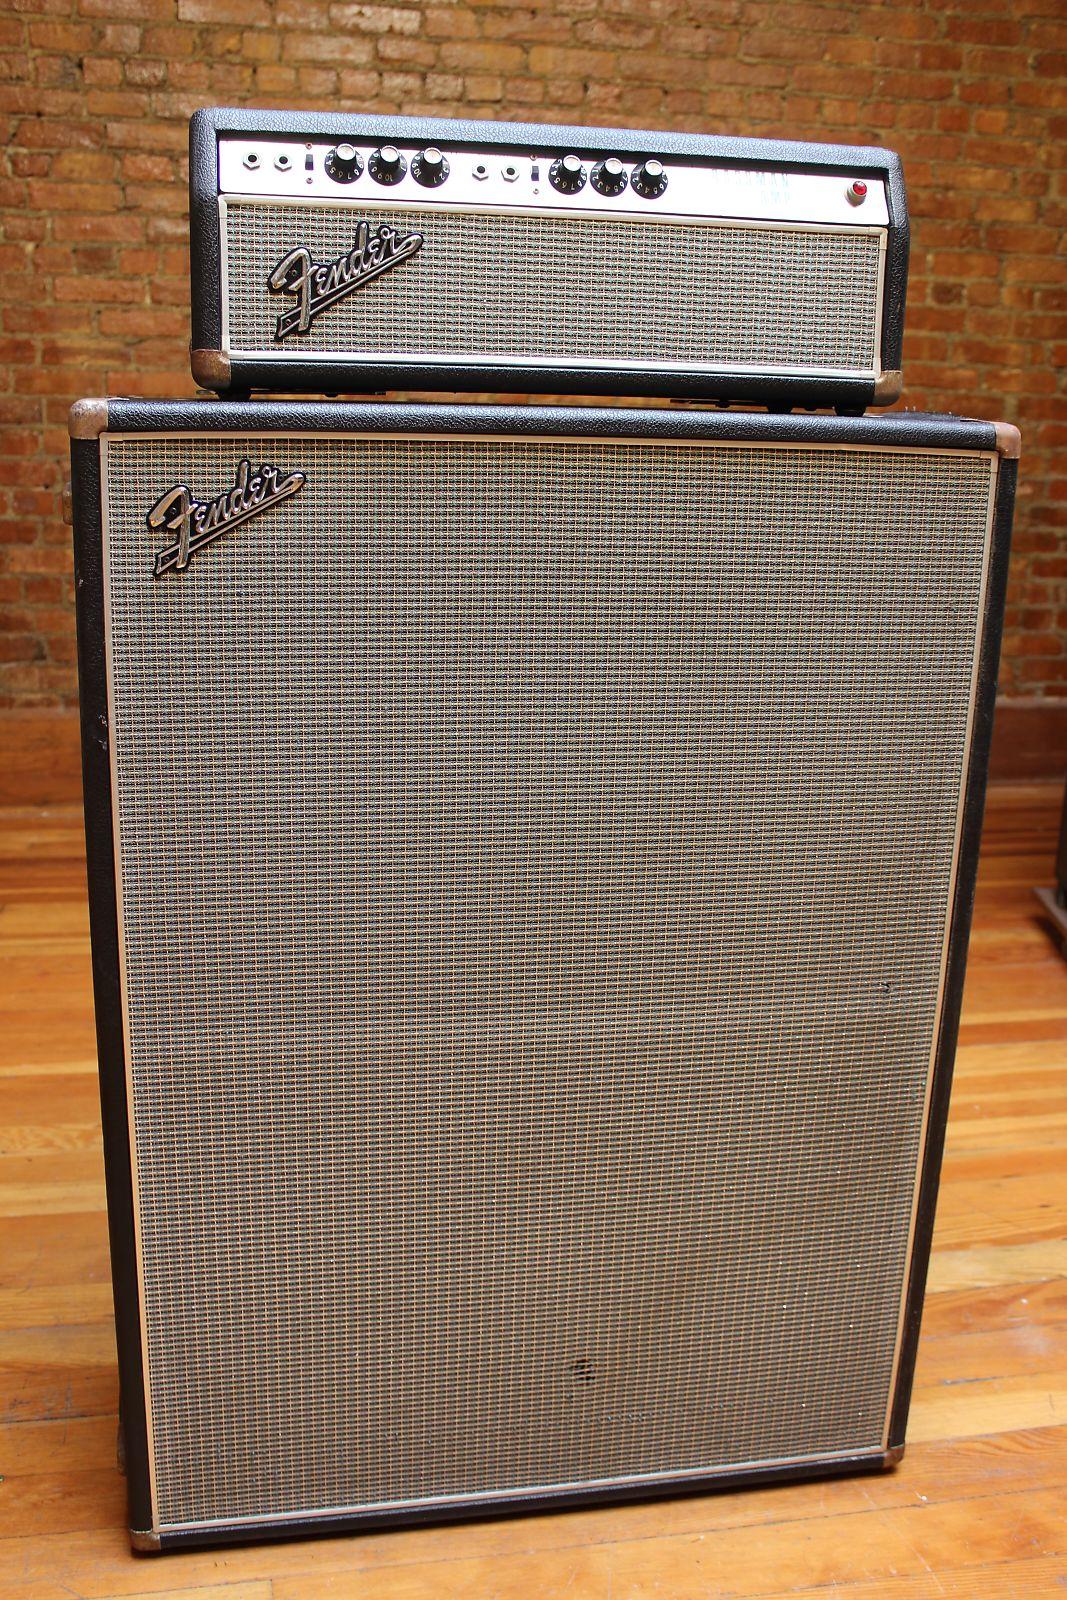 amplifier bass bassman fender watts warrantied in combo cabinet